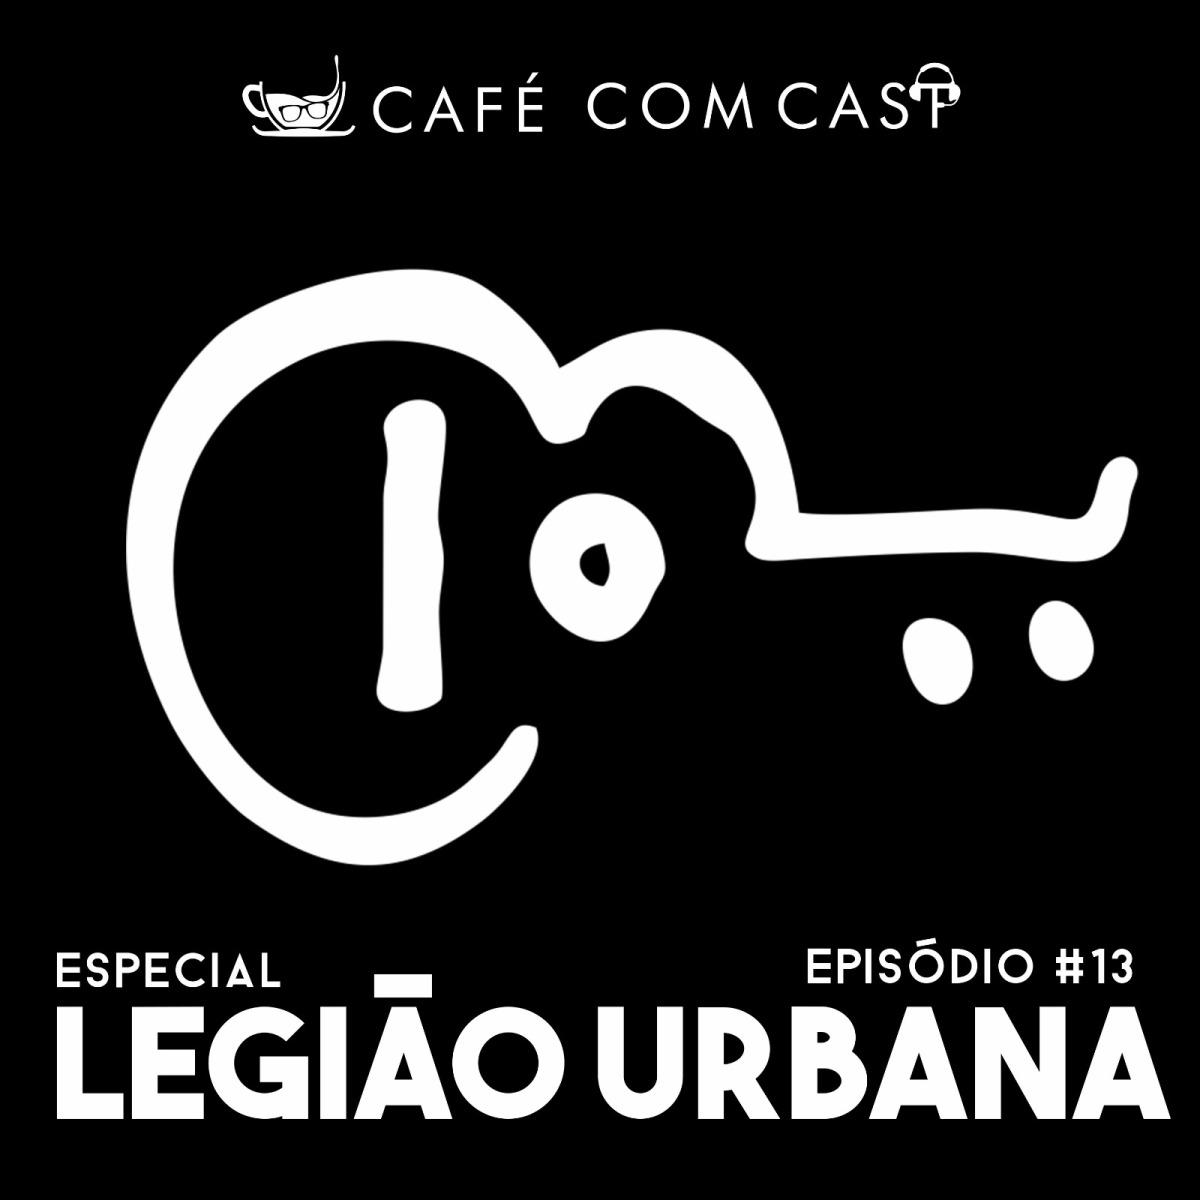 Café com Cast 013 Especial Legião Urbana